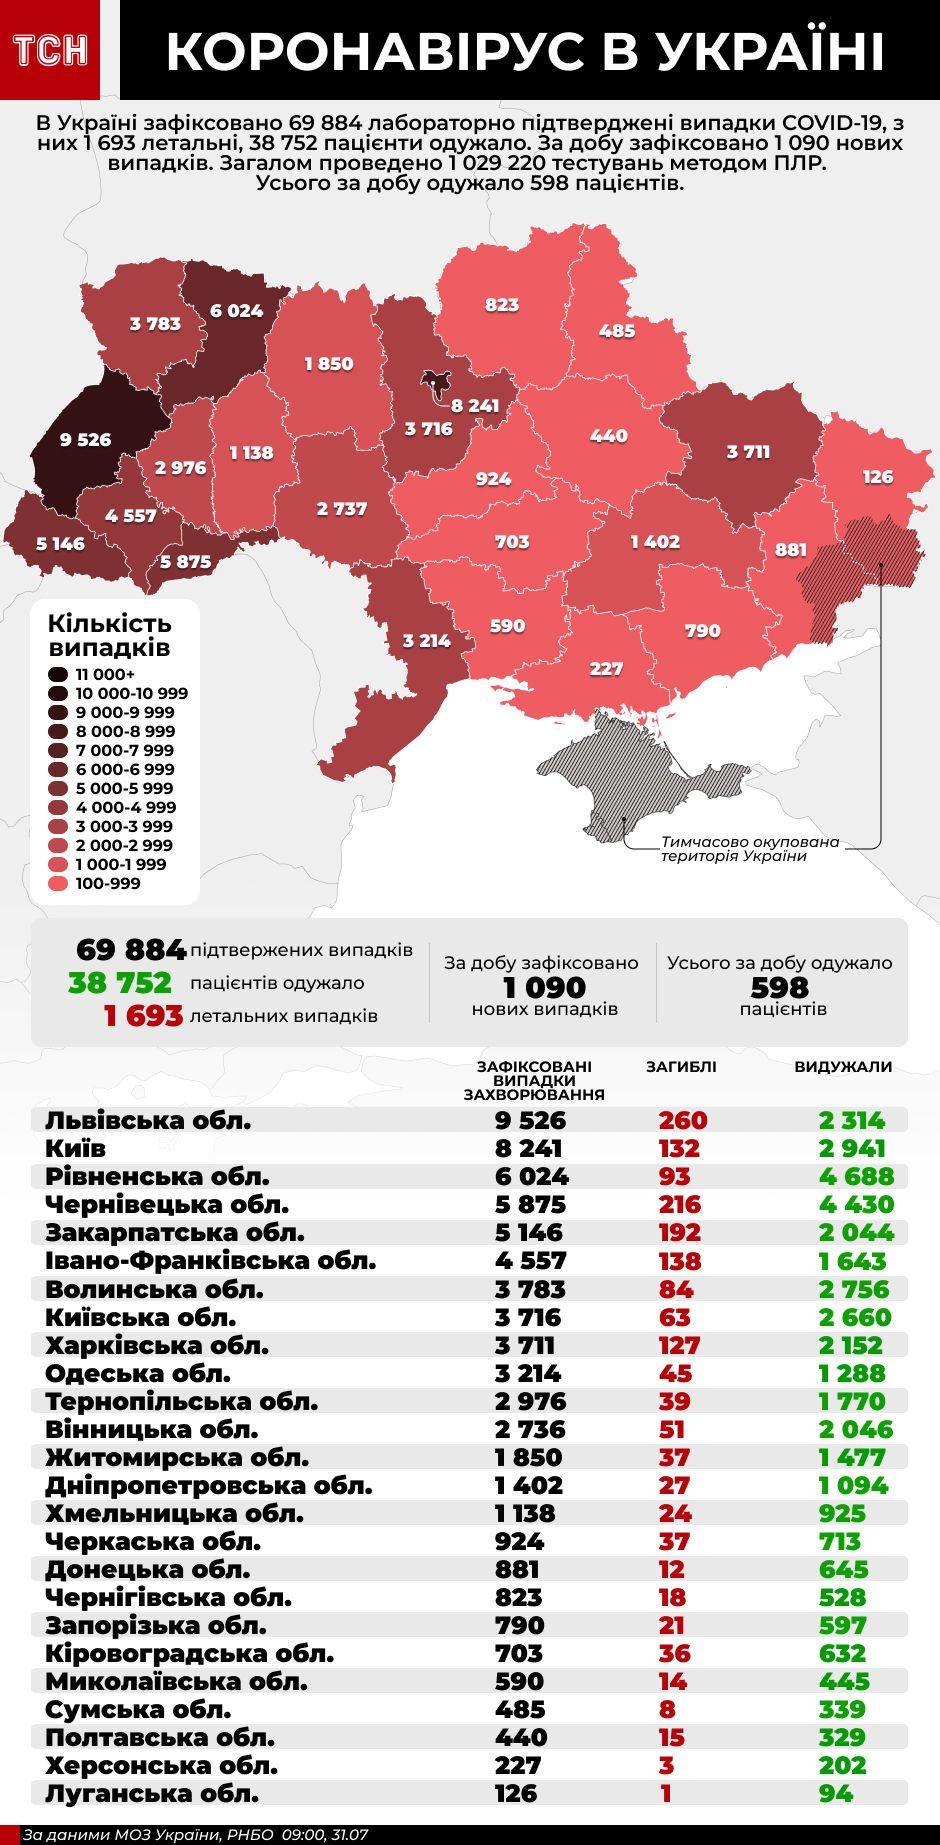 Коронавірус в Україні  - інфографіка станом на 31 липня